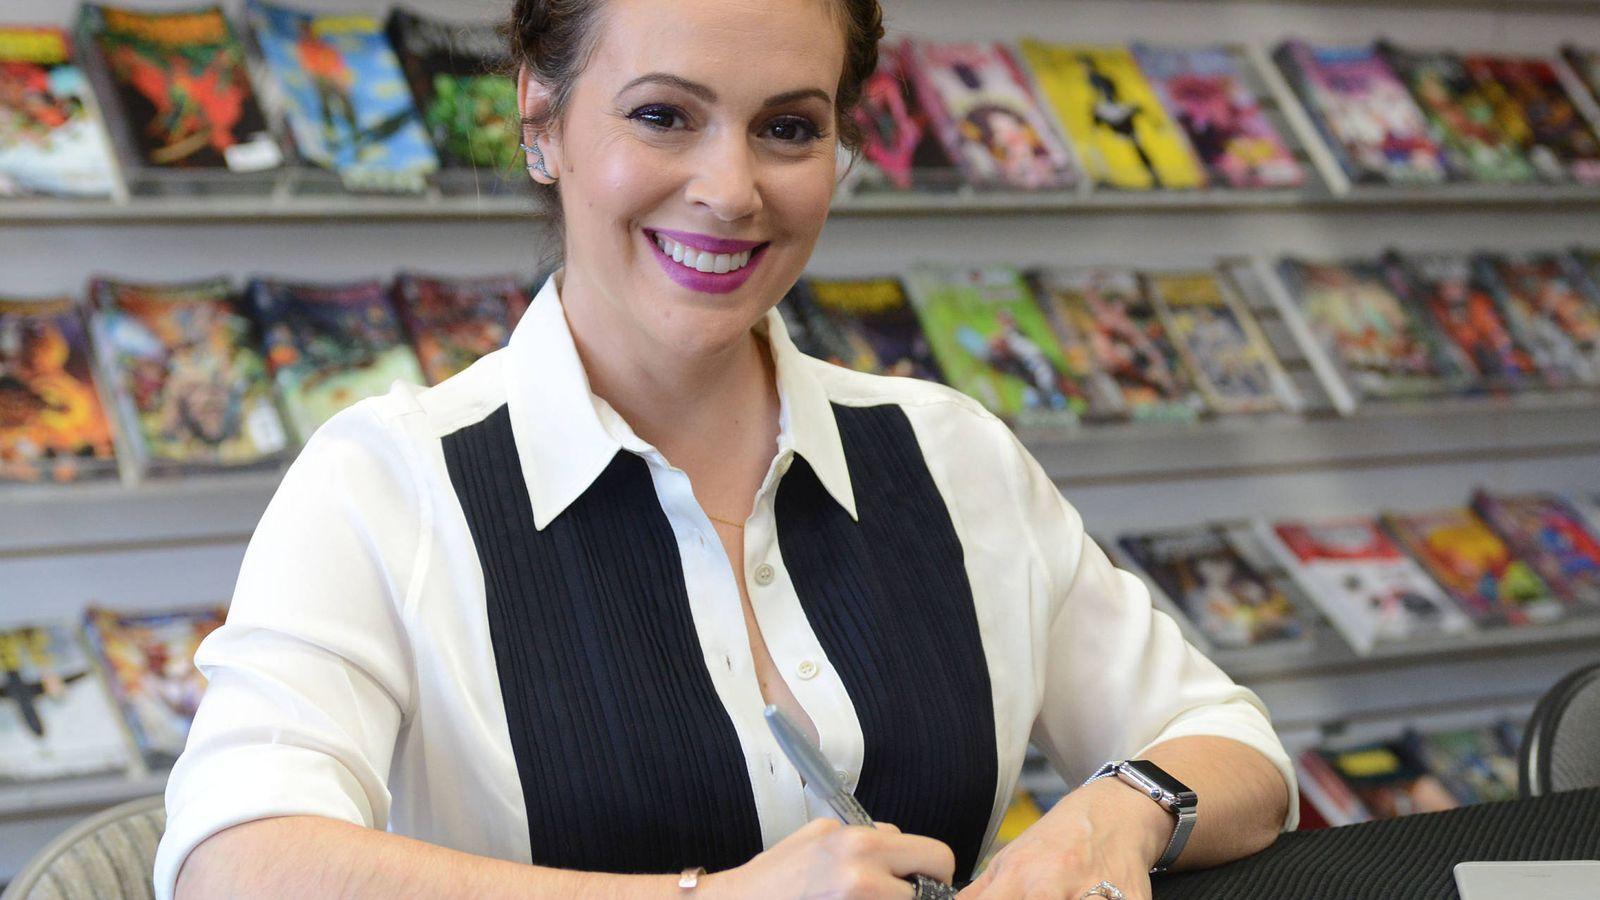 Foto: La actriz Alyssa Milano en una imagen de archivo. (Gtres)